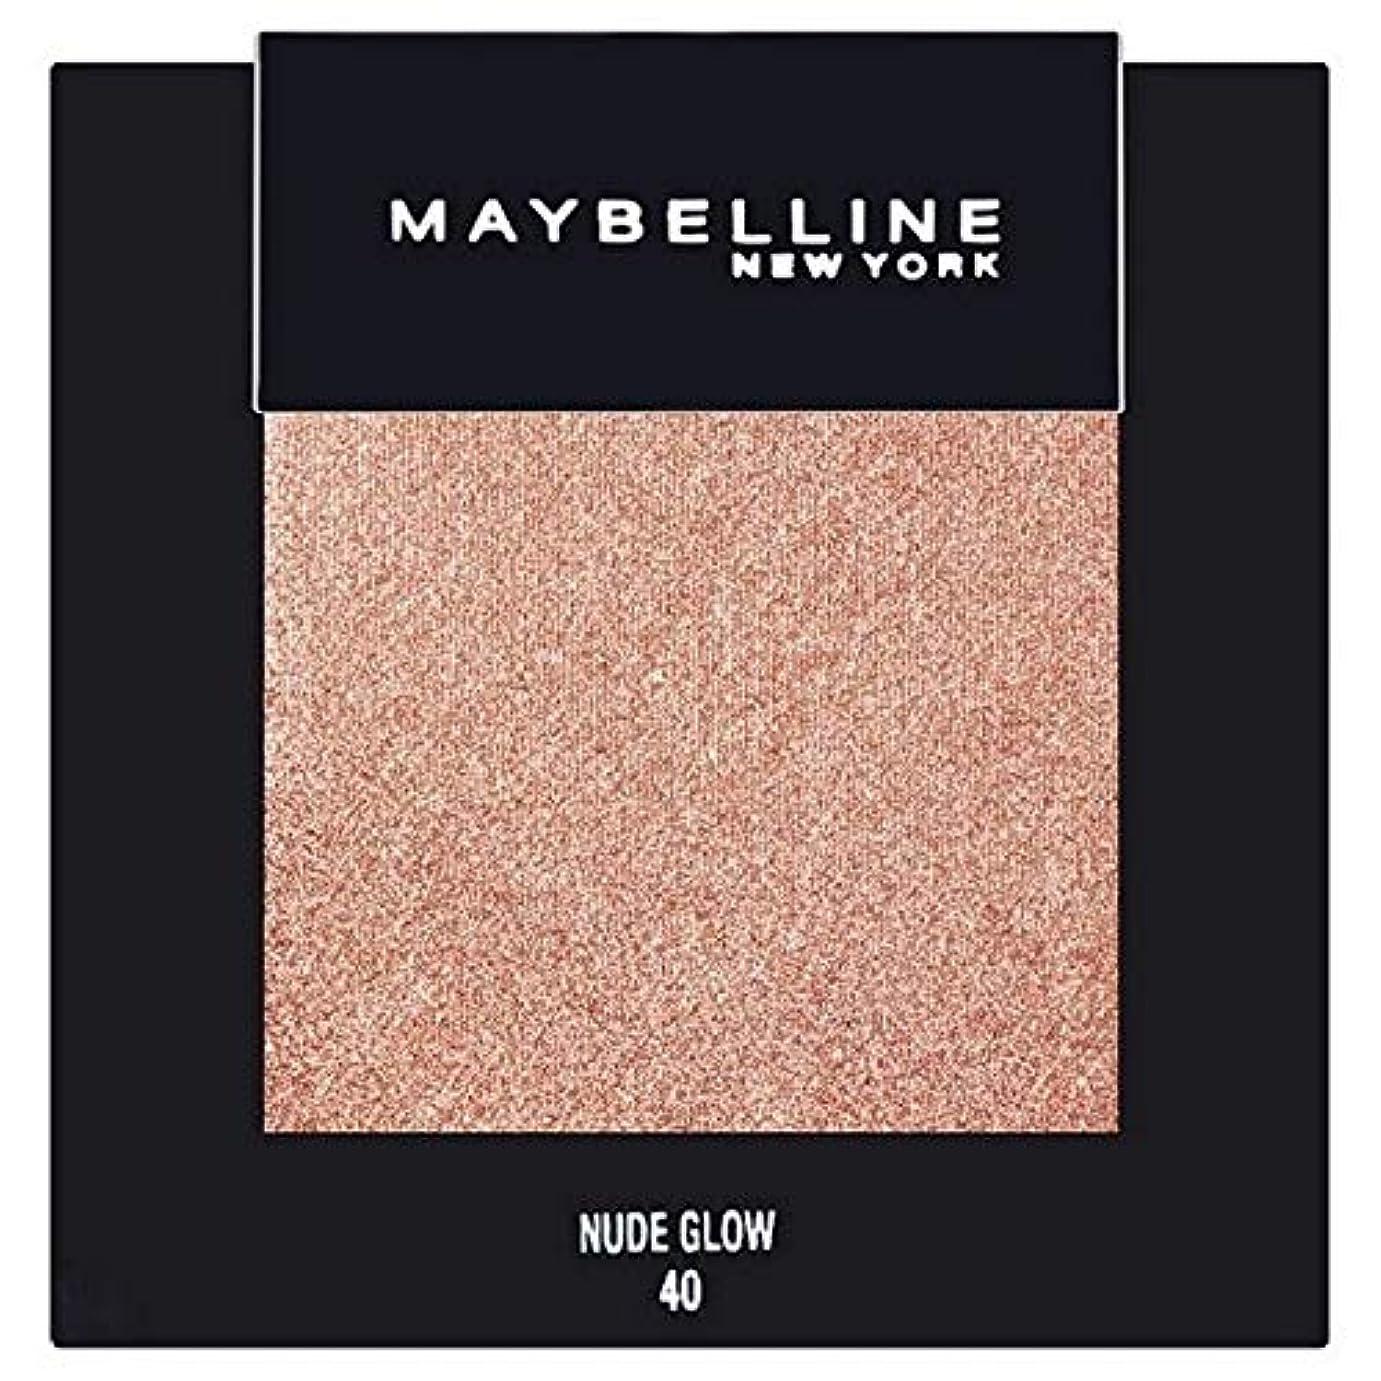 熟す強制佐賀[Maybelline ] メイベリンカラーショーシングルアイシャドウ40ヌードグロー - Maybelline Color Show Single Eyeshadow 40 Nude Glow [並行輸入品]